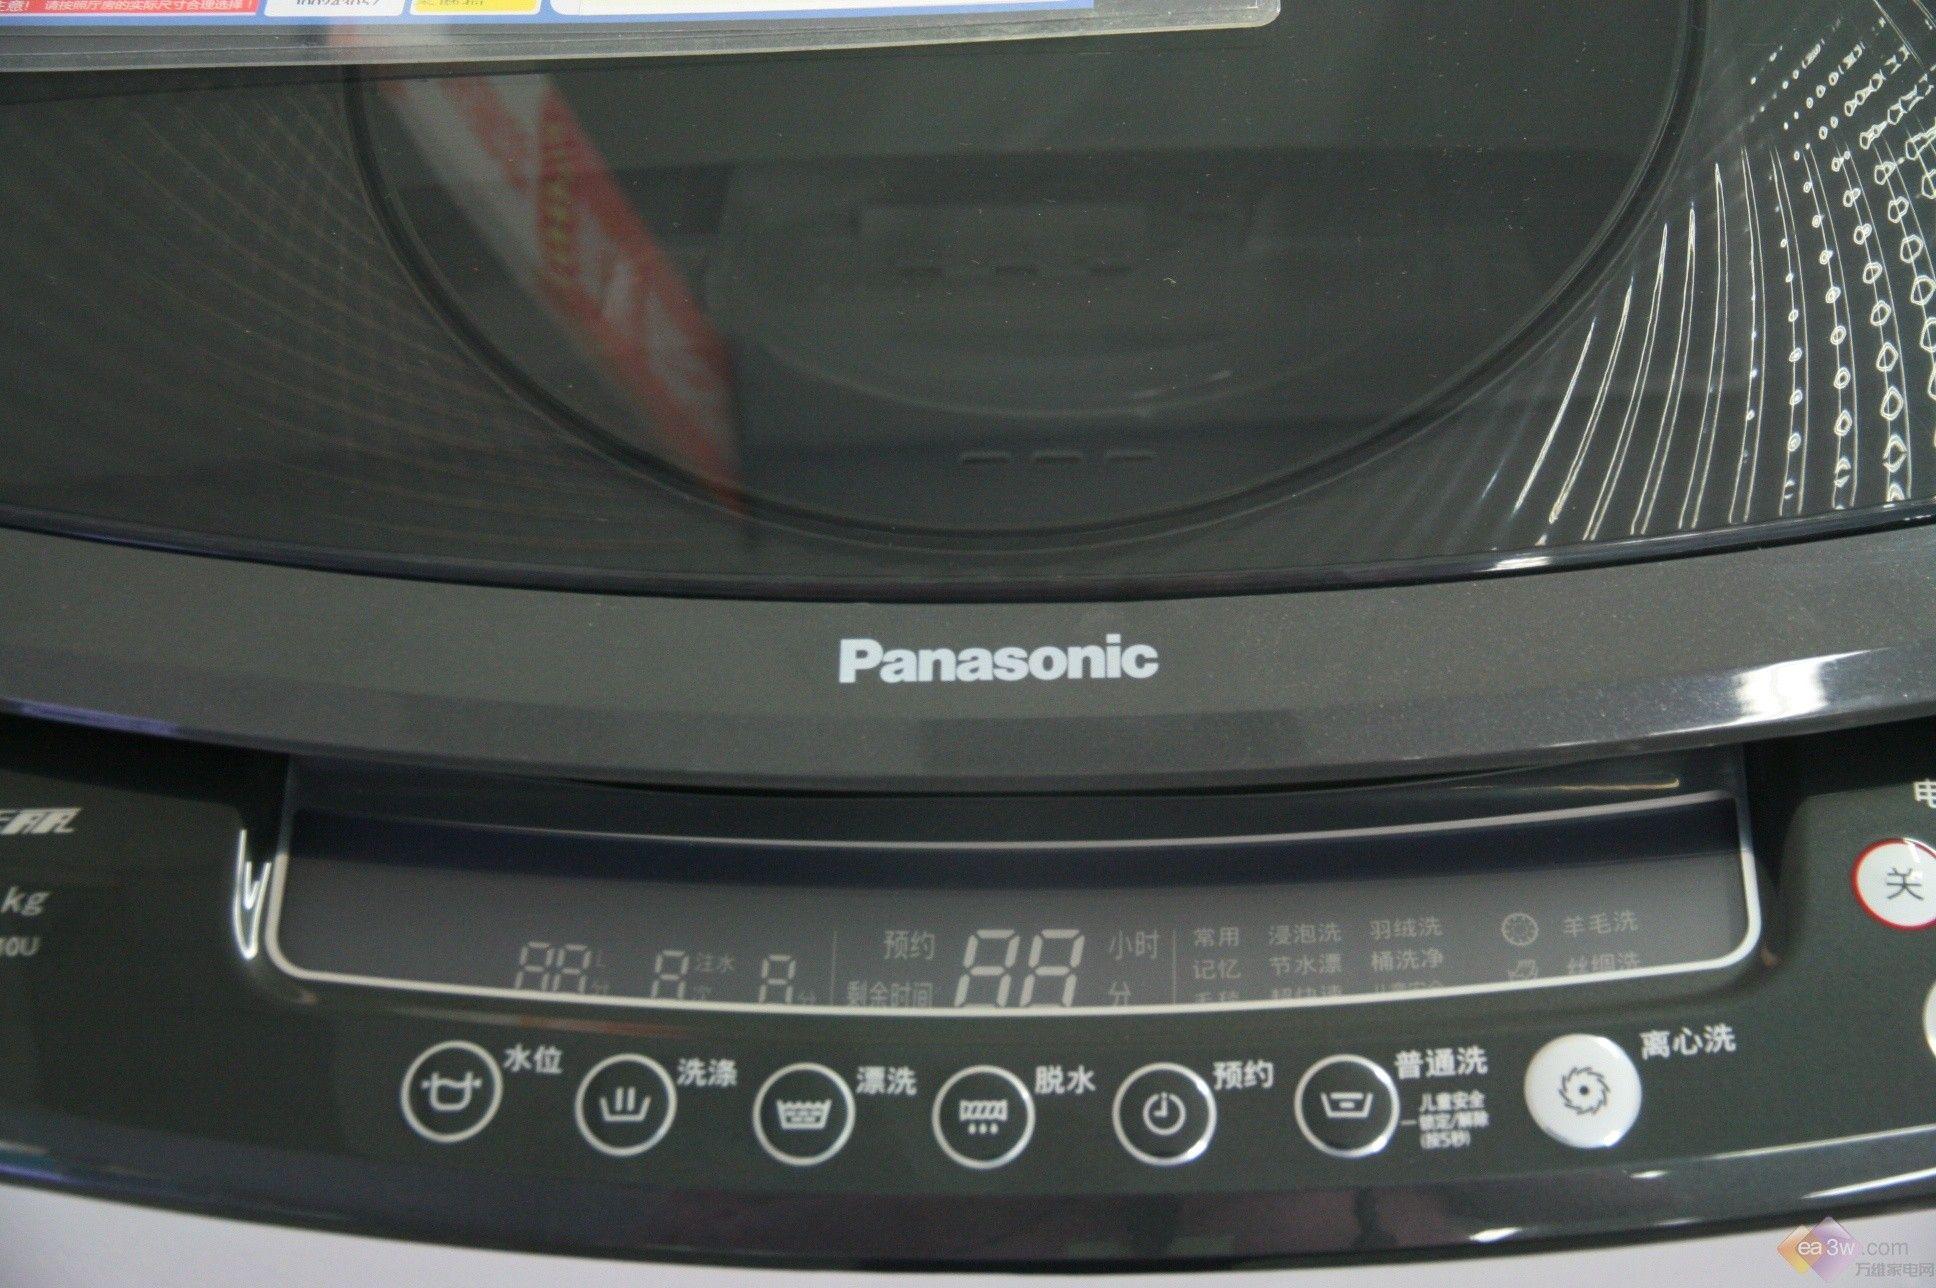 推荐理由:松下波轮式XQB75-X710U 具有的7kg大容量洗涤及独有的离心力洗涤技术,彻底解决波轮式洗衣机衣物洗的不干净等问题。虽然价格上比同类产品偏高,但是性能质量是这款产品关注的重点。 推荐指数: 外观  功能  能耗  价格  综合